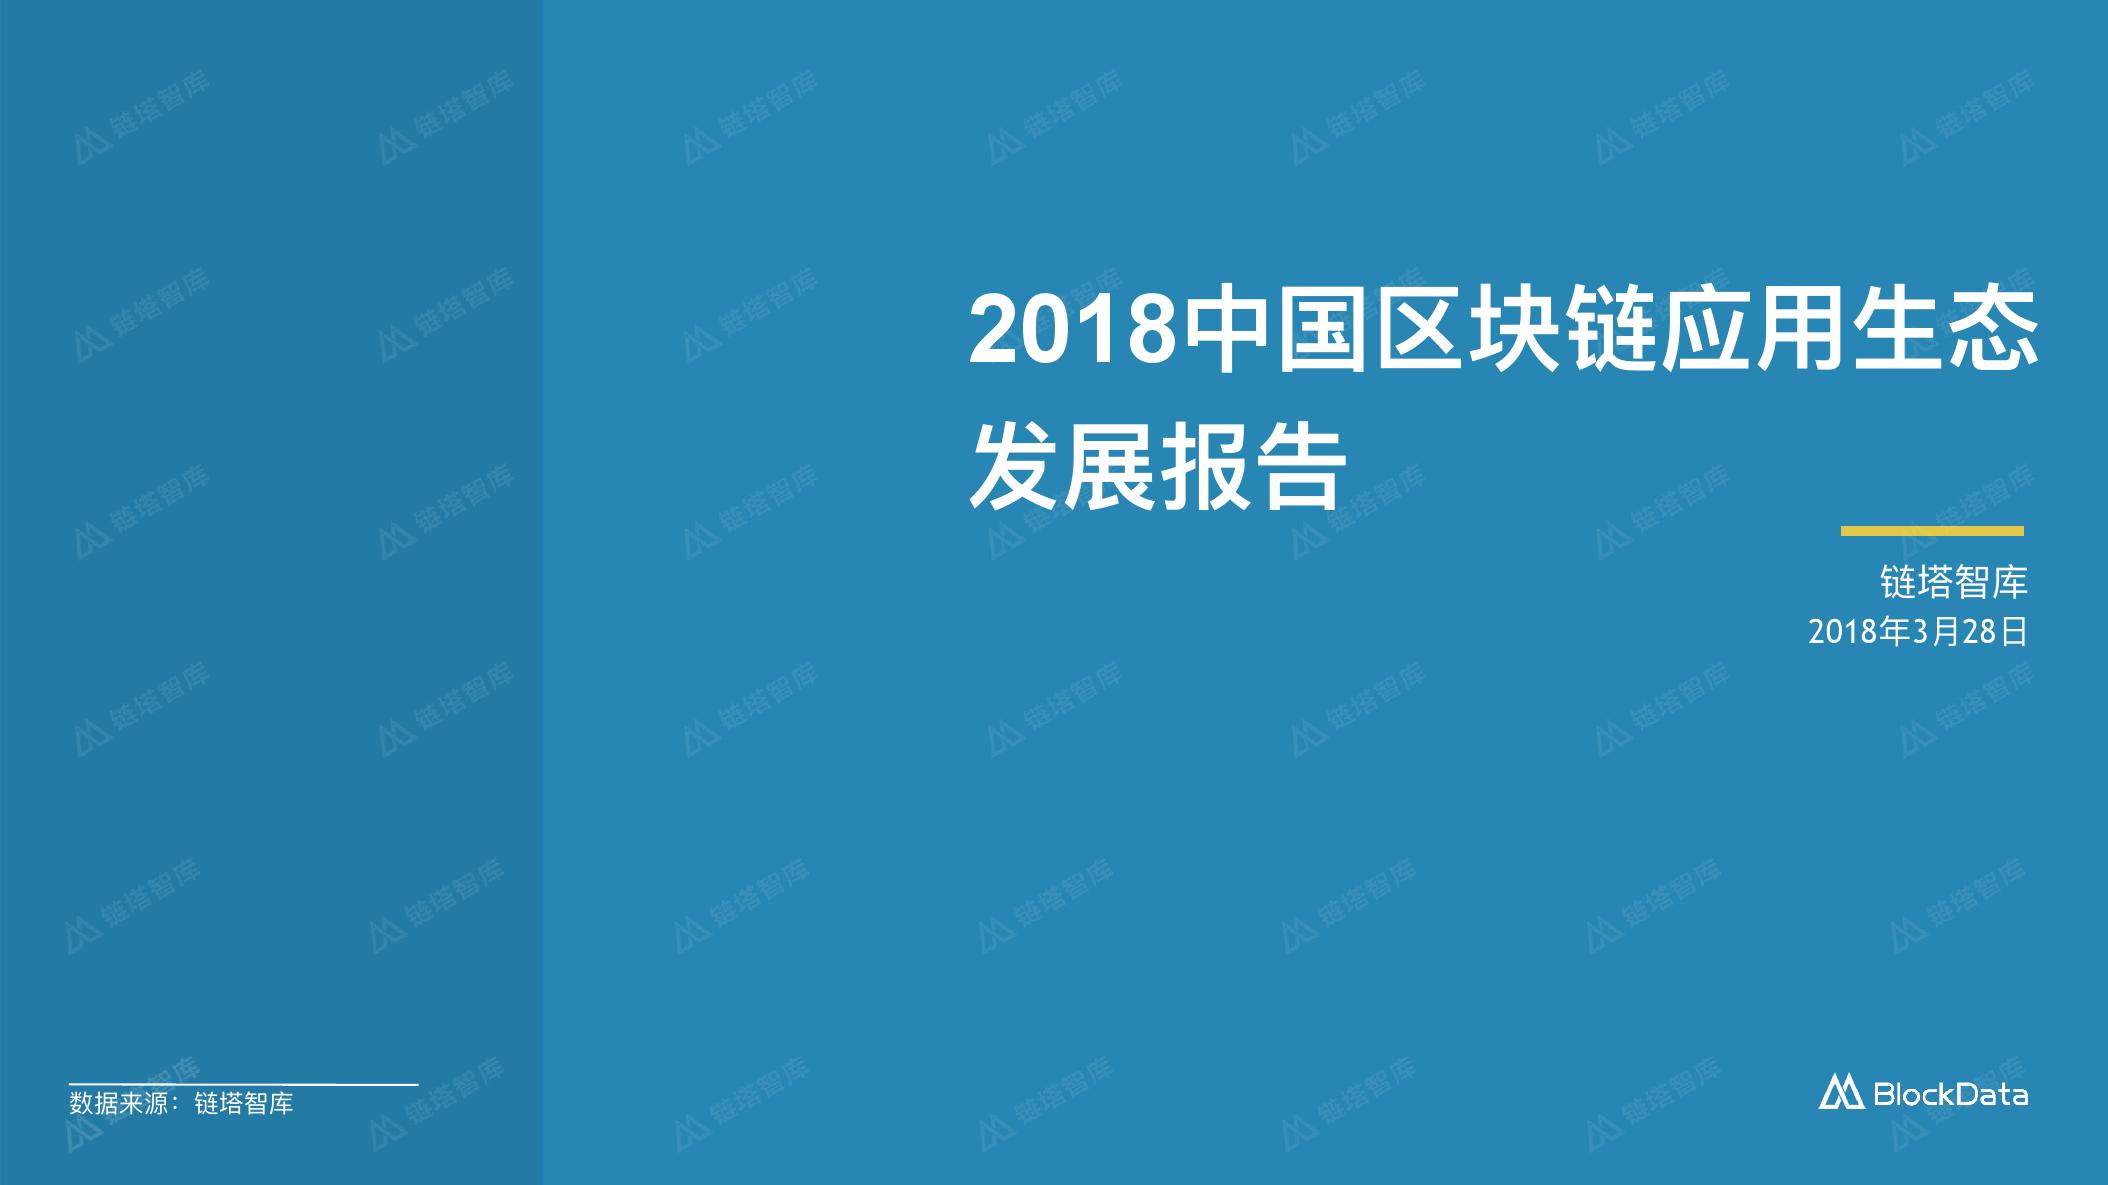 链塔智库:2018中国区块链应用发展生态报告(附下载)